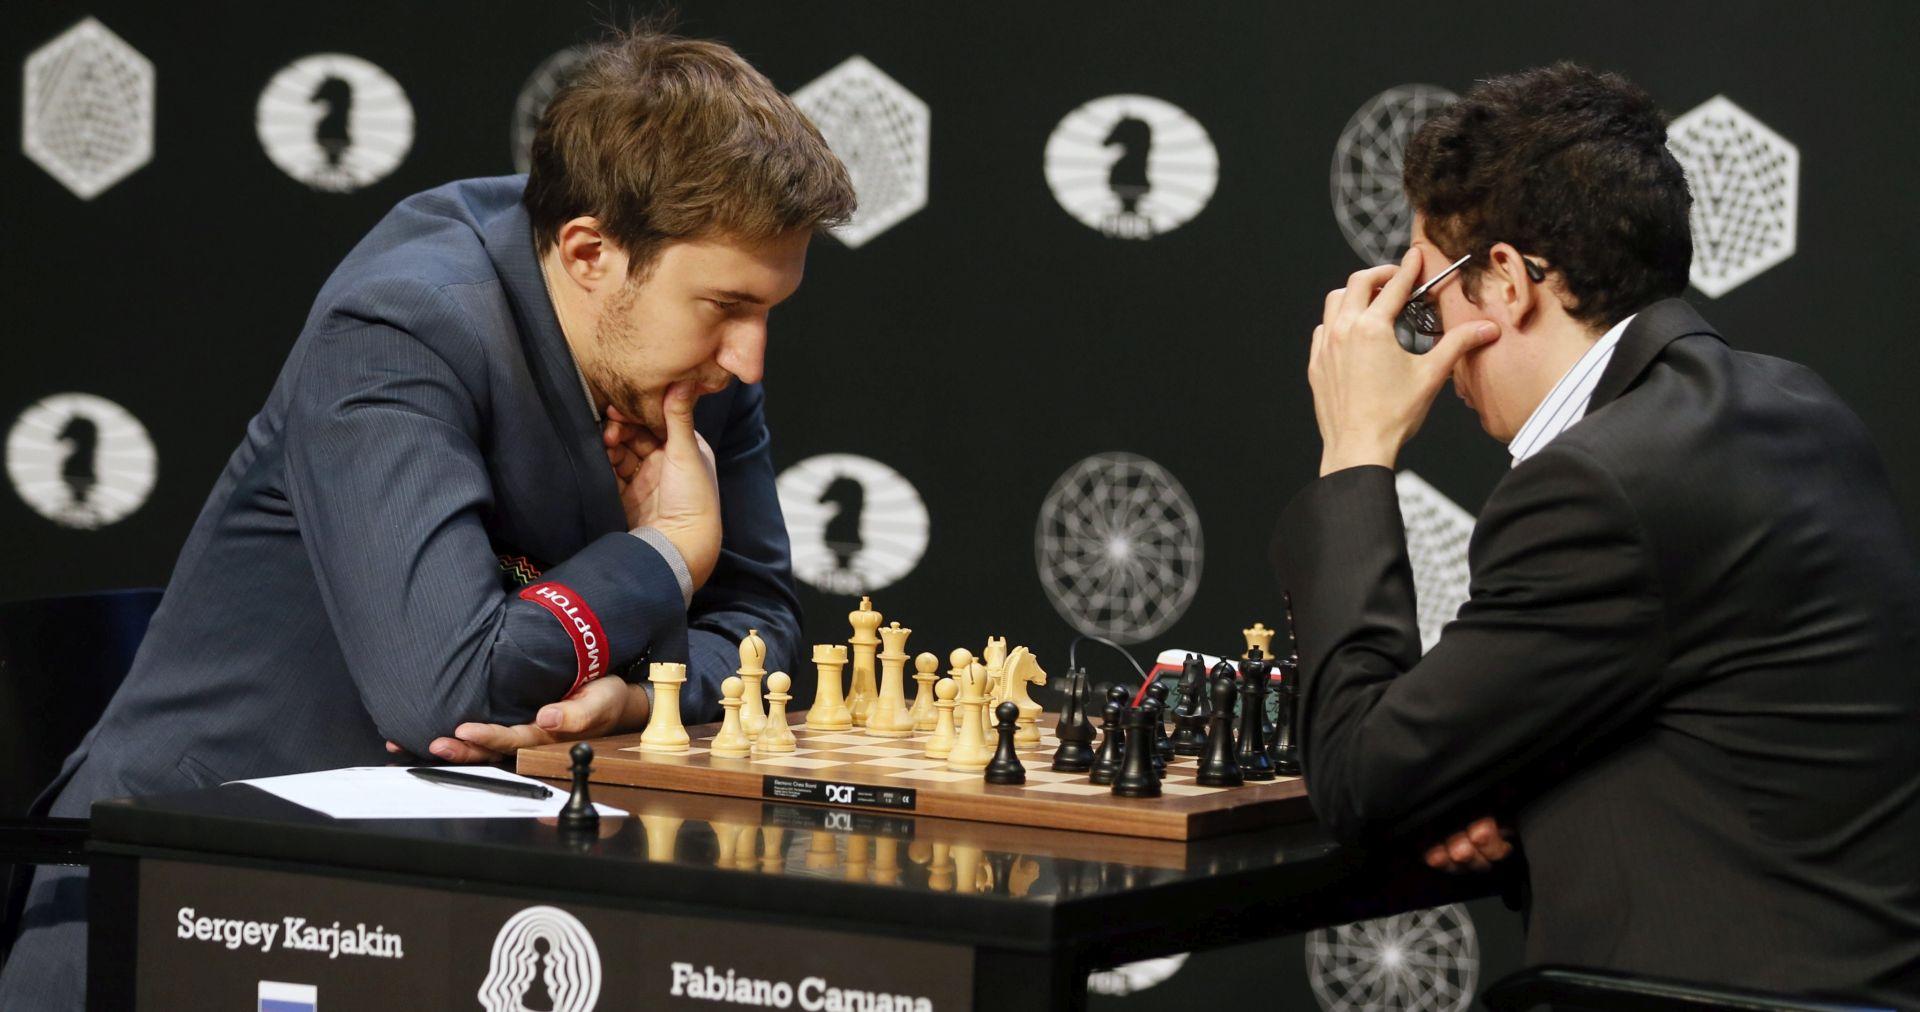 ŠAH: TURNIR KANDIDATA Rus Karjakin izazivač svjetskog prvaka Carlsena